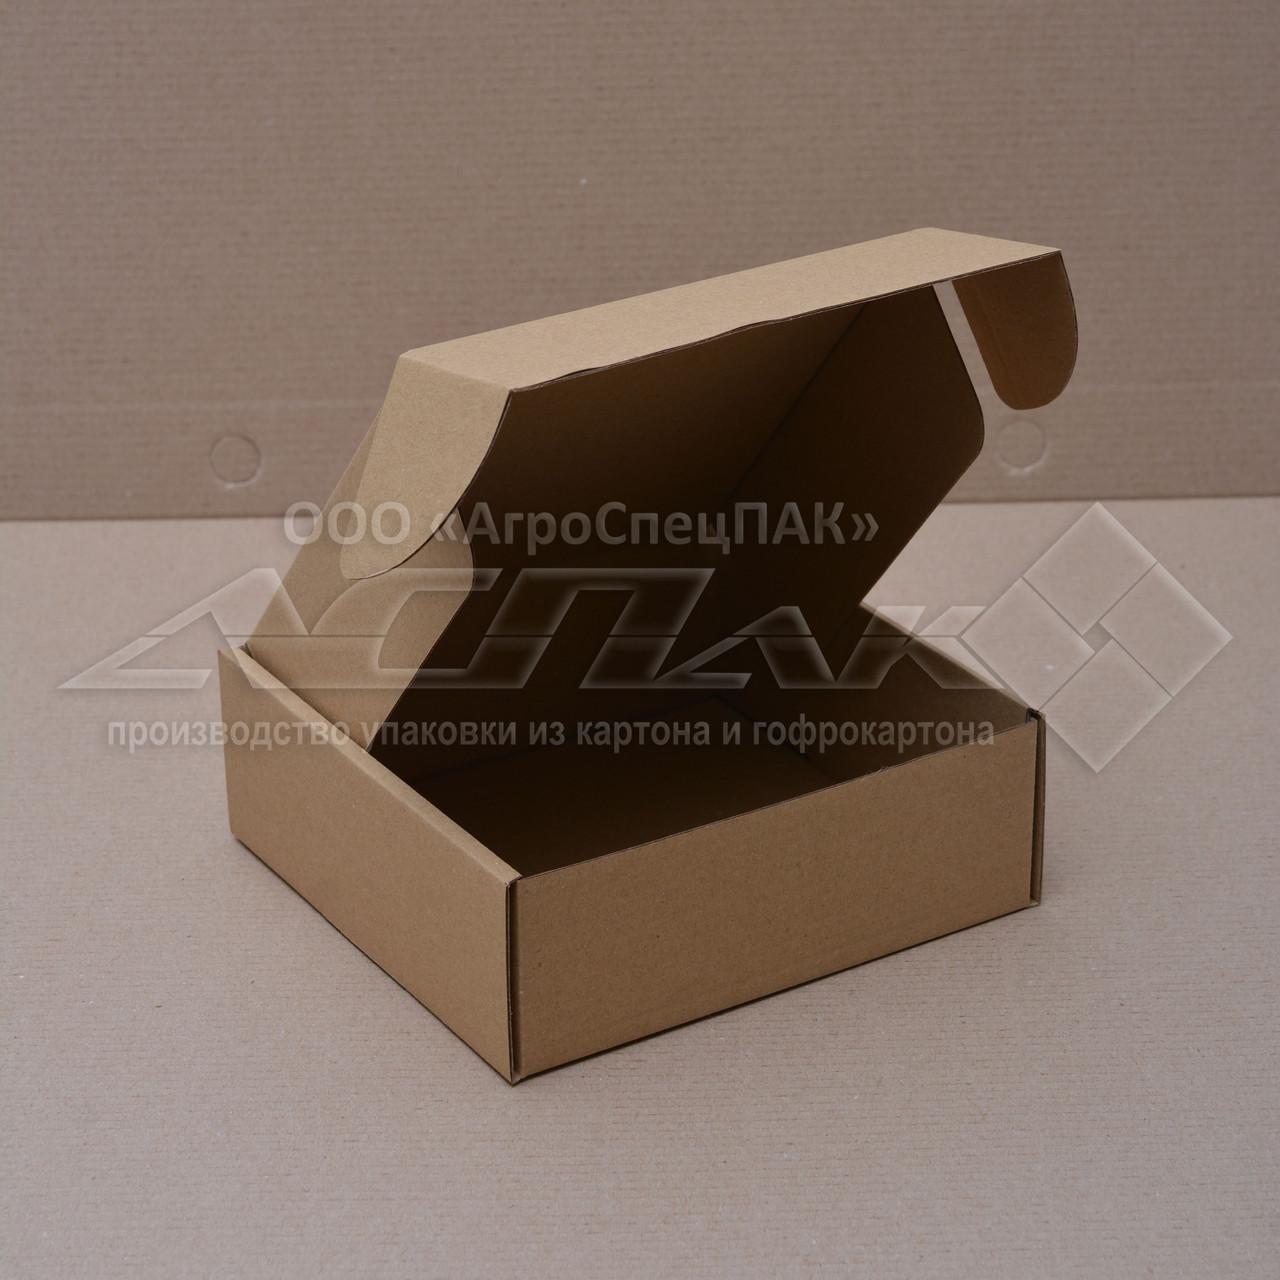 Картонные коробки 150*150*55 бурые